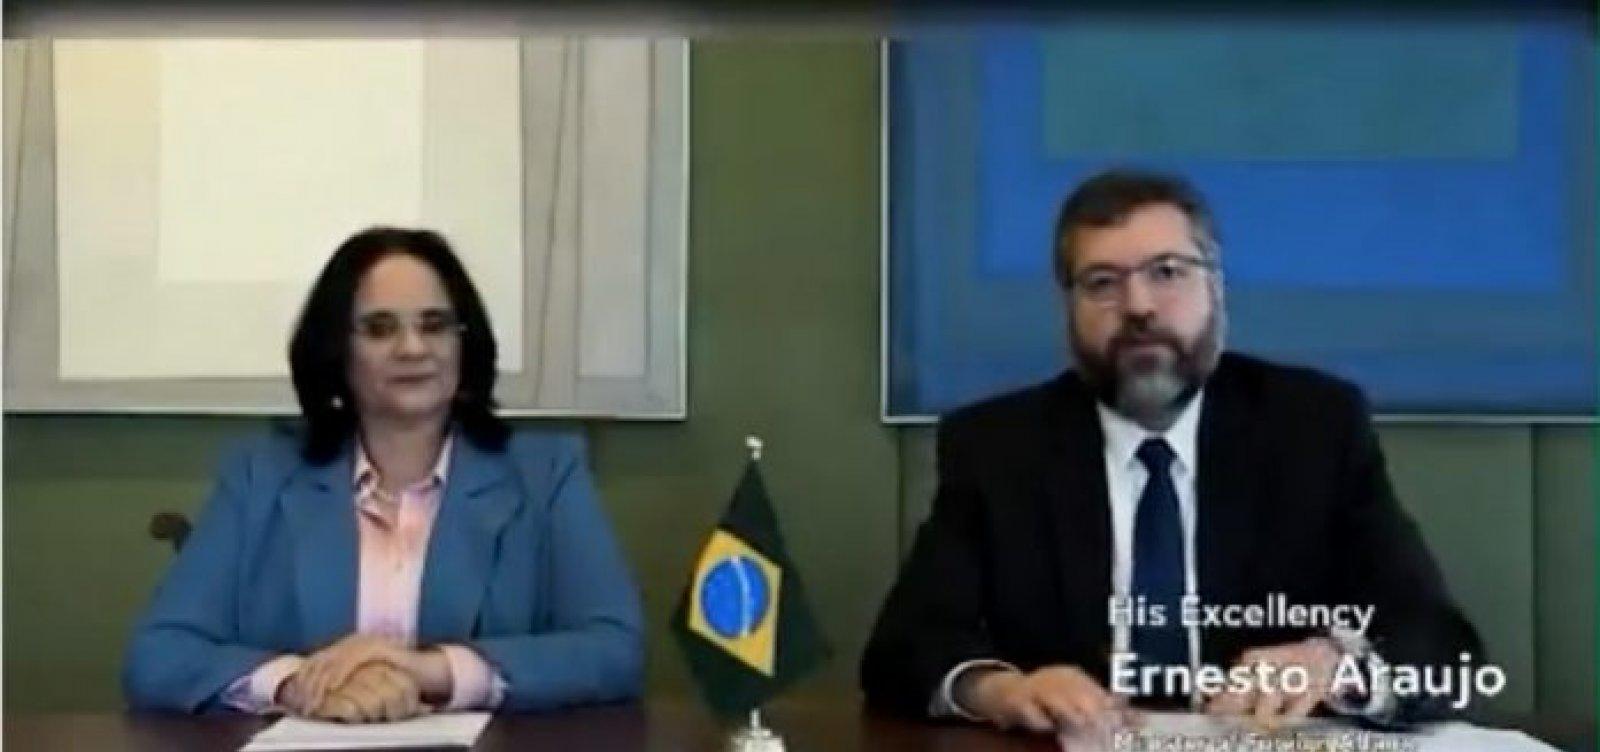 [Brasil se une a países conservadores e assina declaração internacional contra o aborto ]